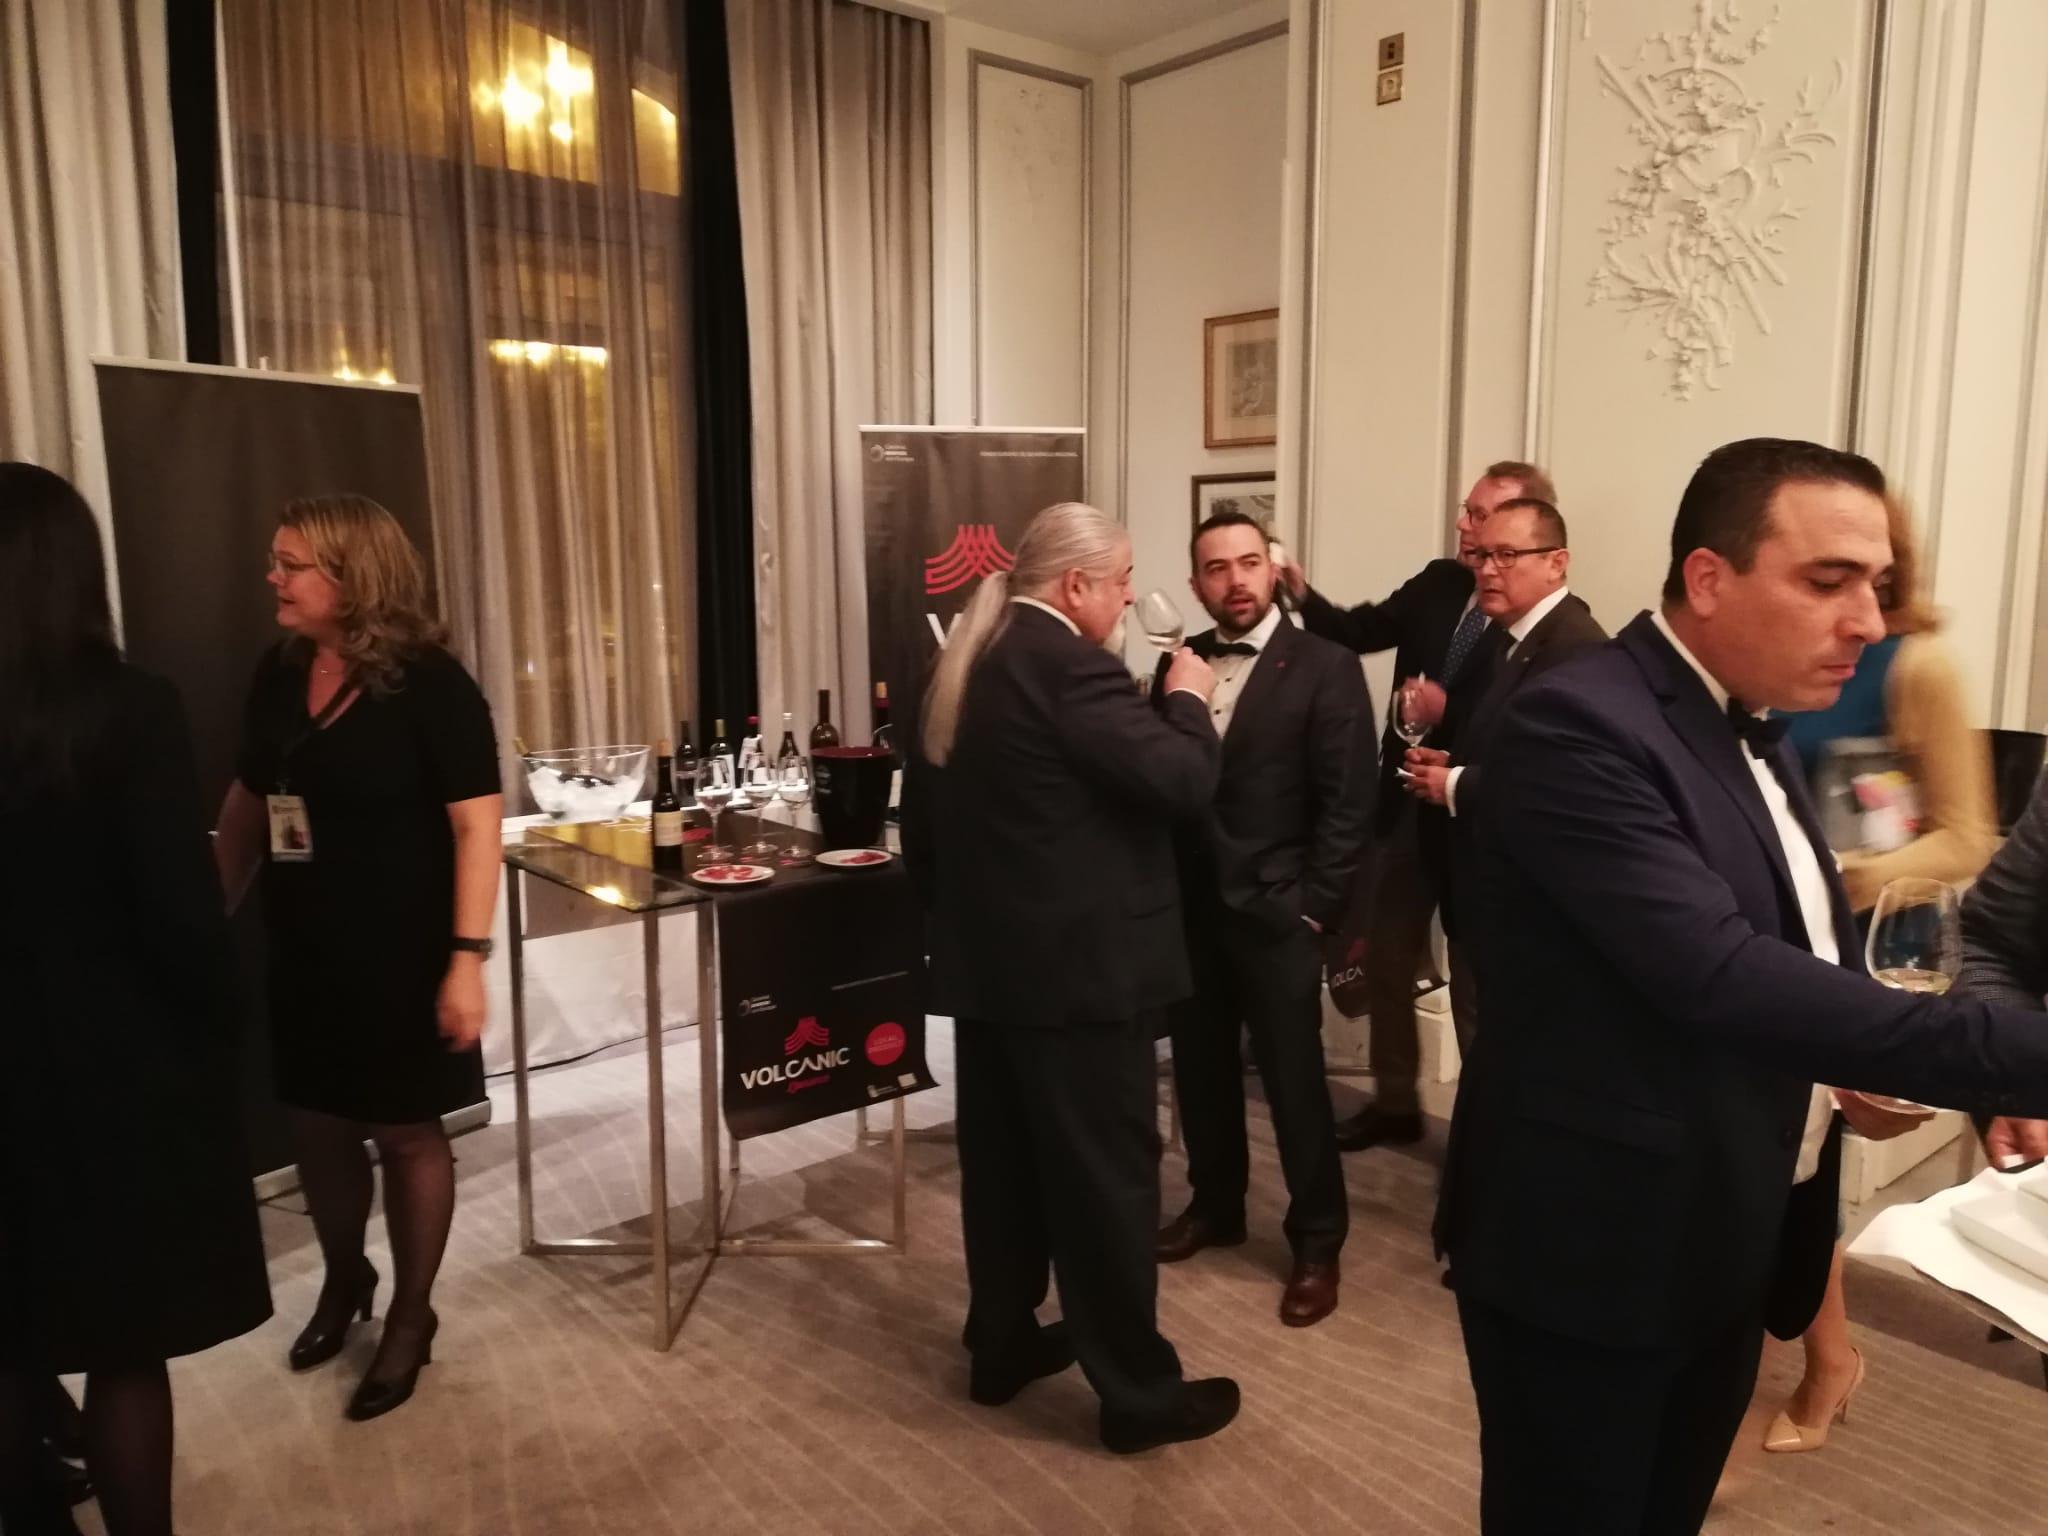 Los vinos canarios se promocionan en el certamen internacional Wine Challenge Merchant Awards Spain